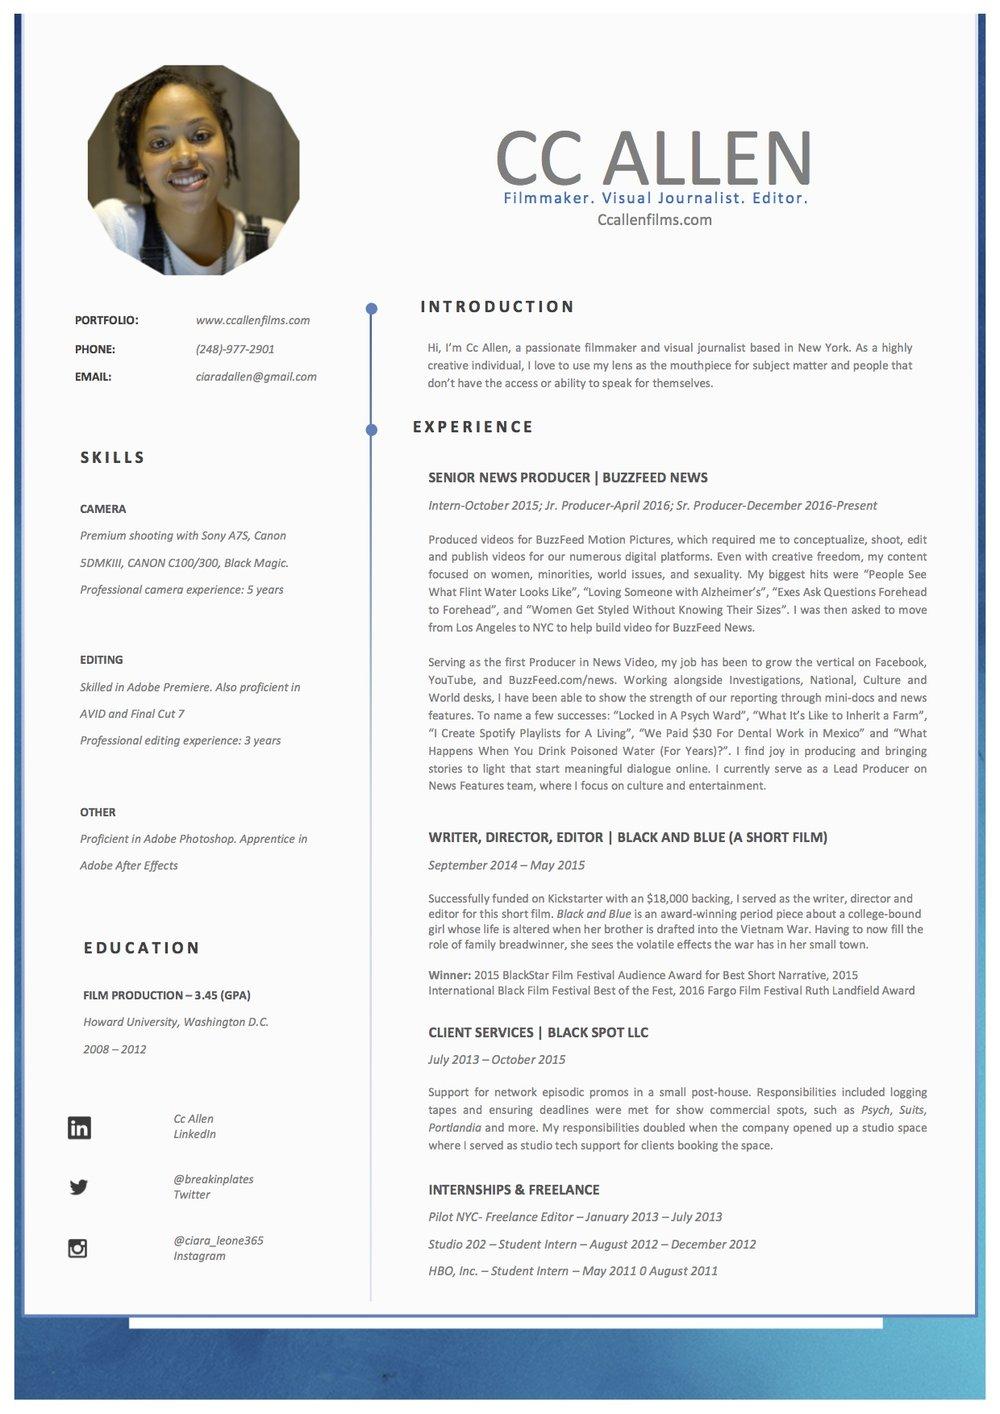 Cc Allen's Resume_website.jpg